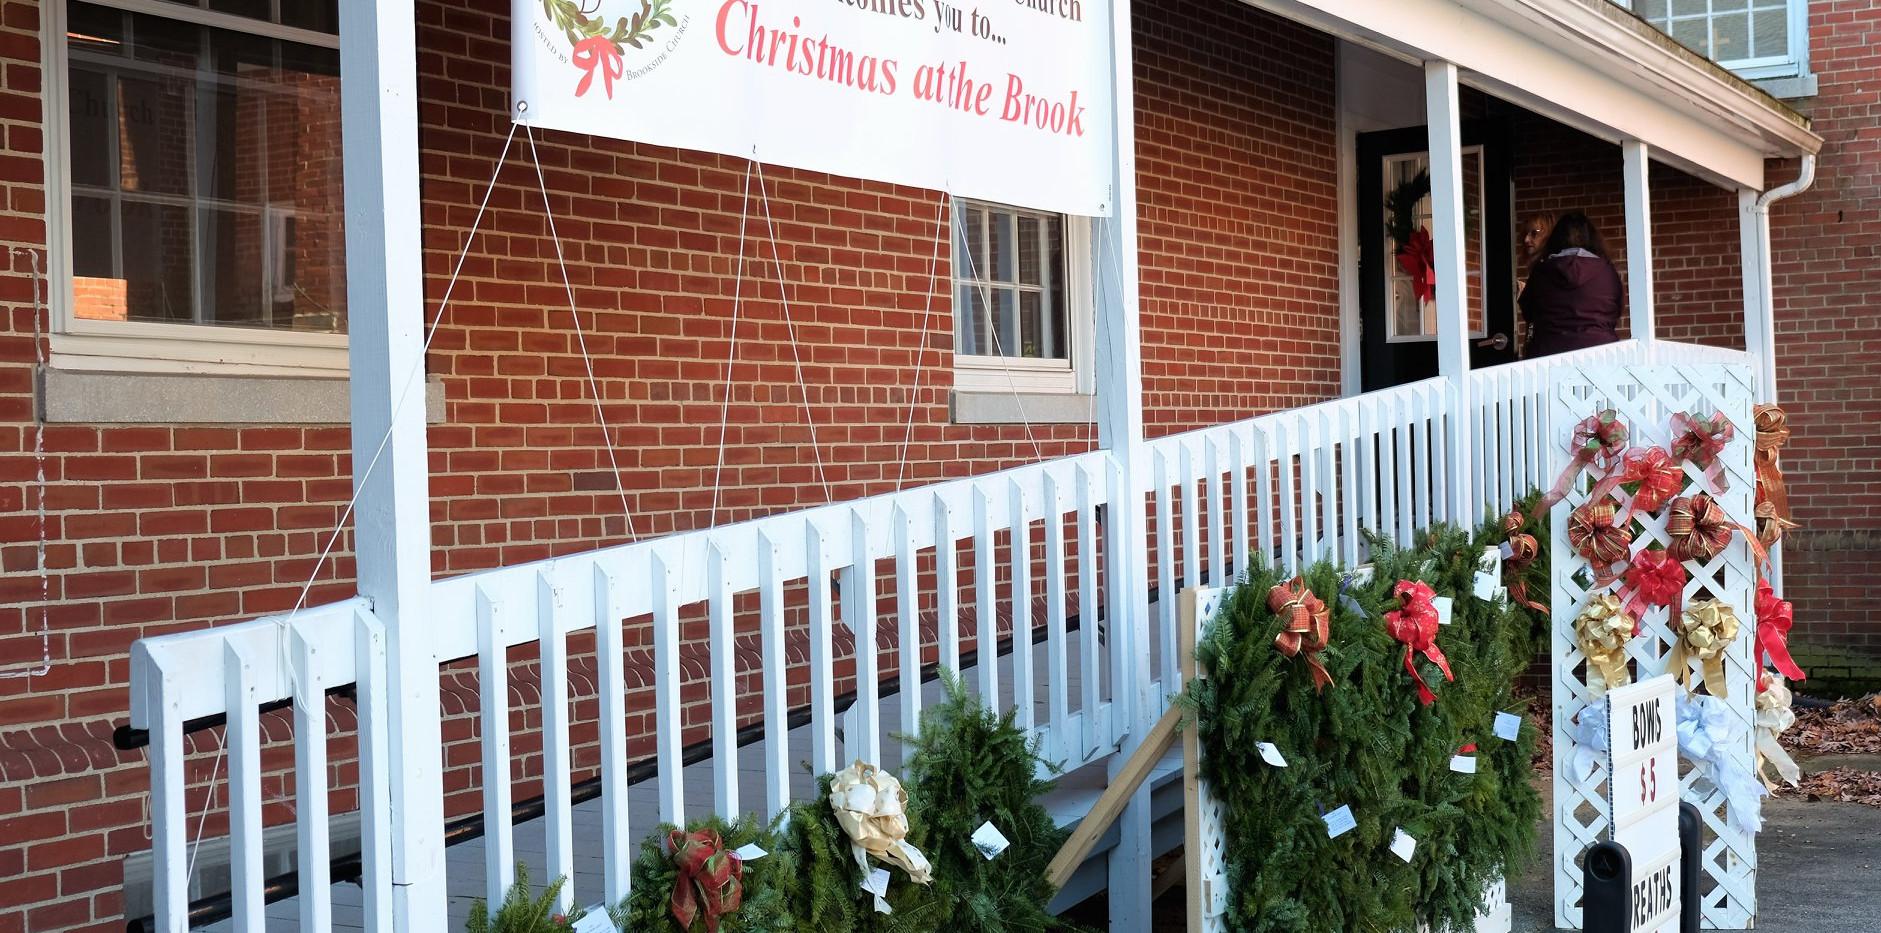 ChristmasattheBrook2019_ramp_door_wreath